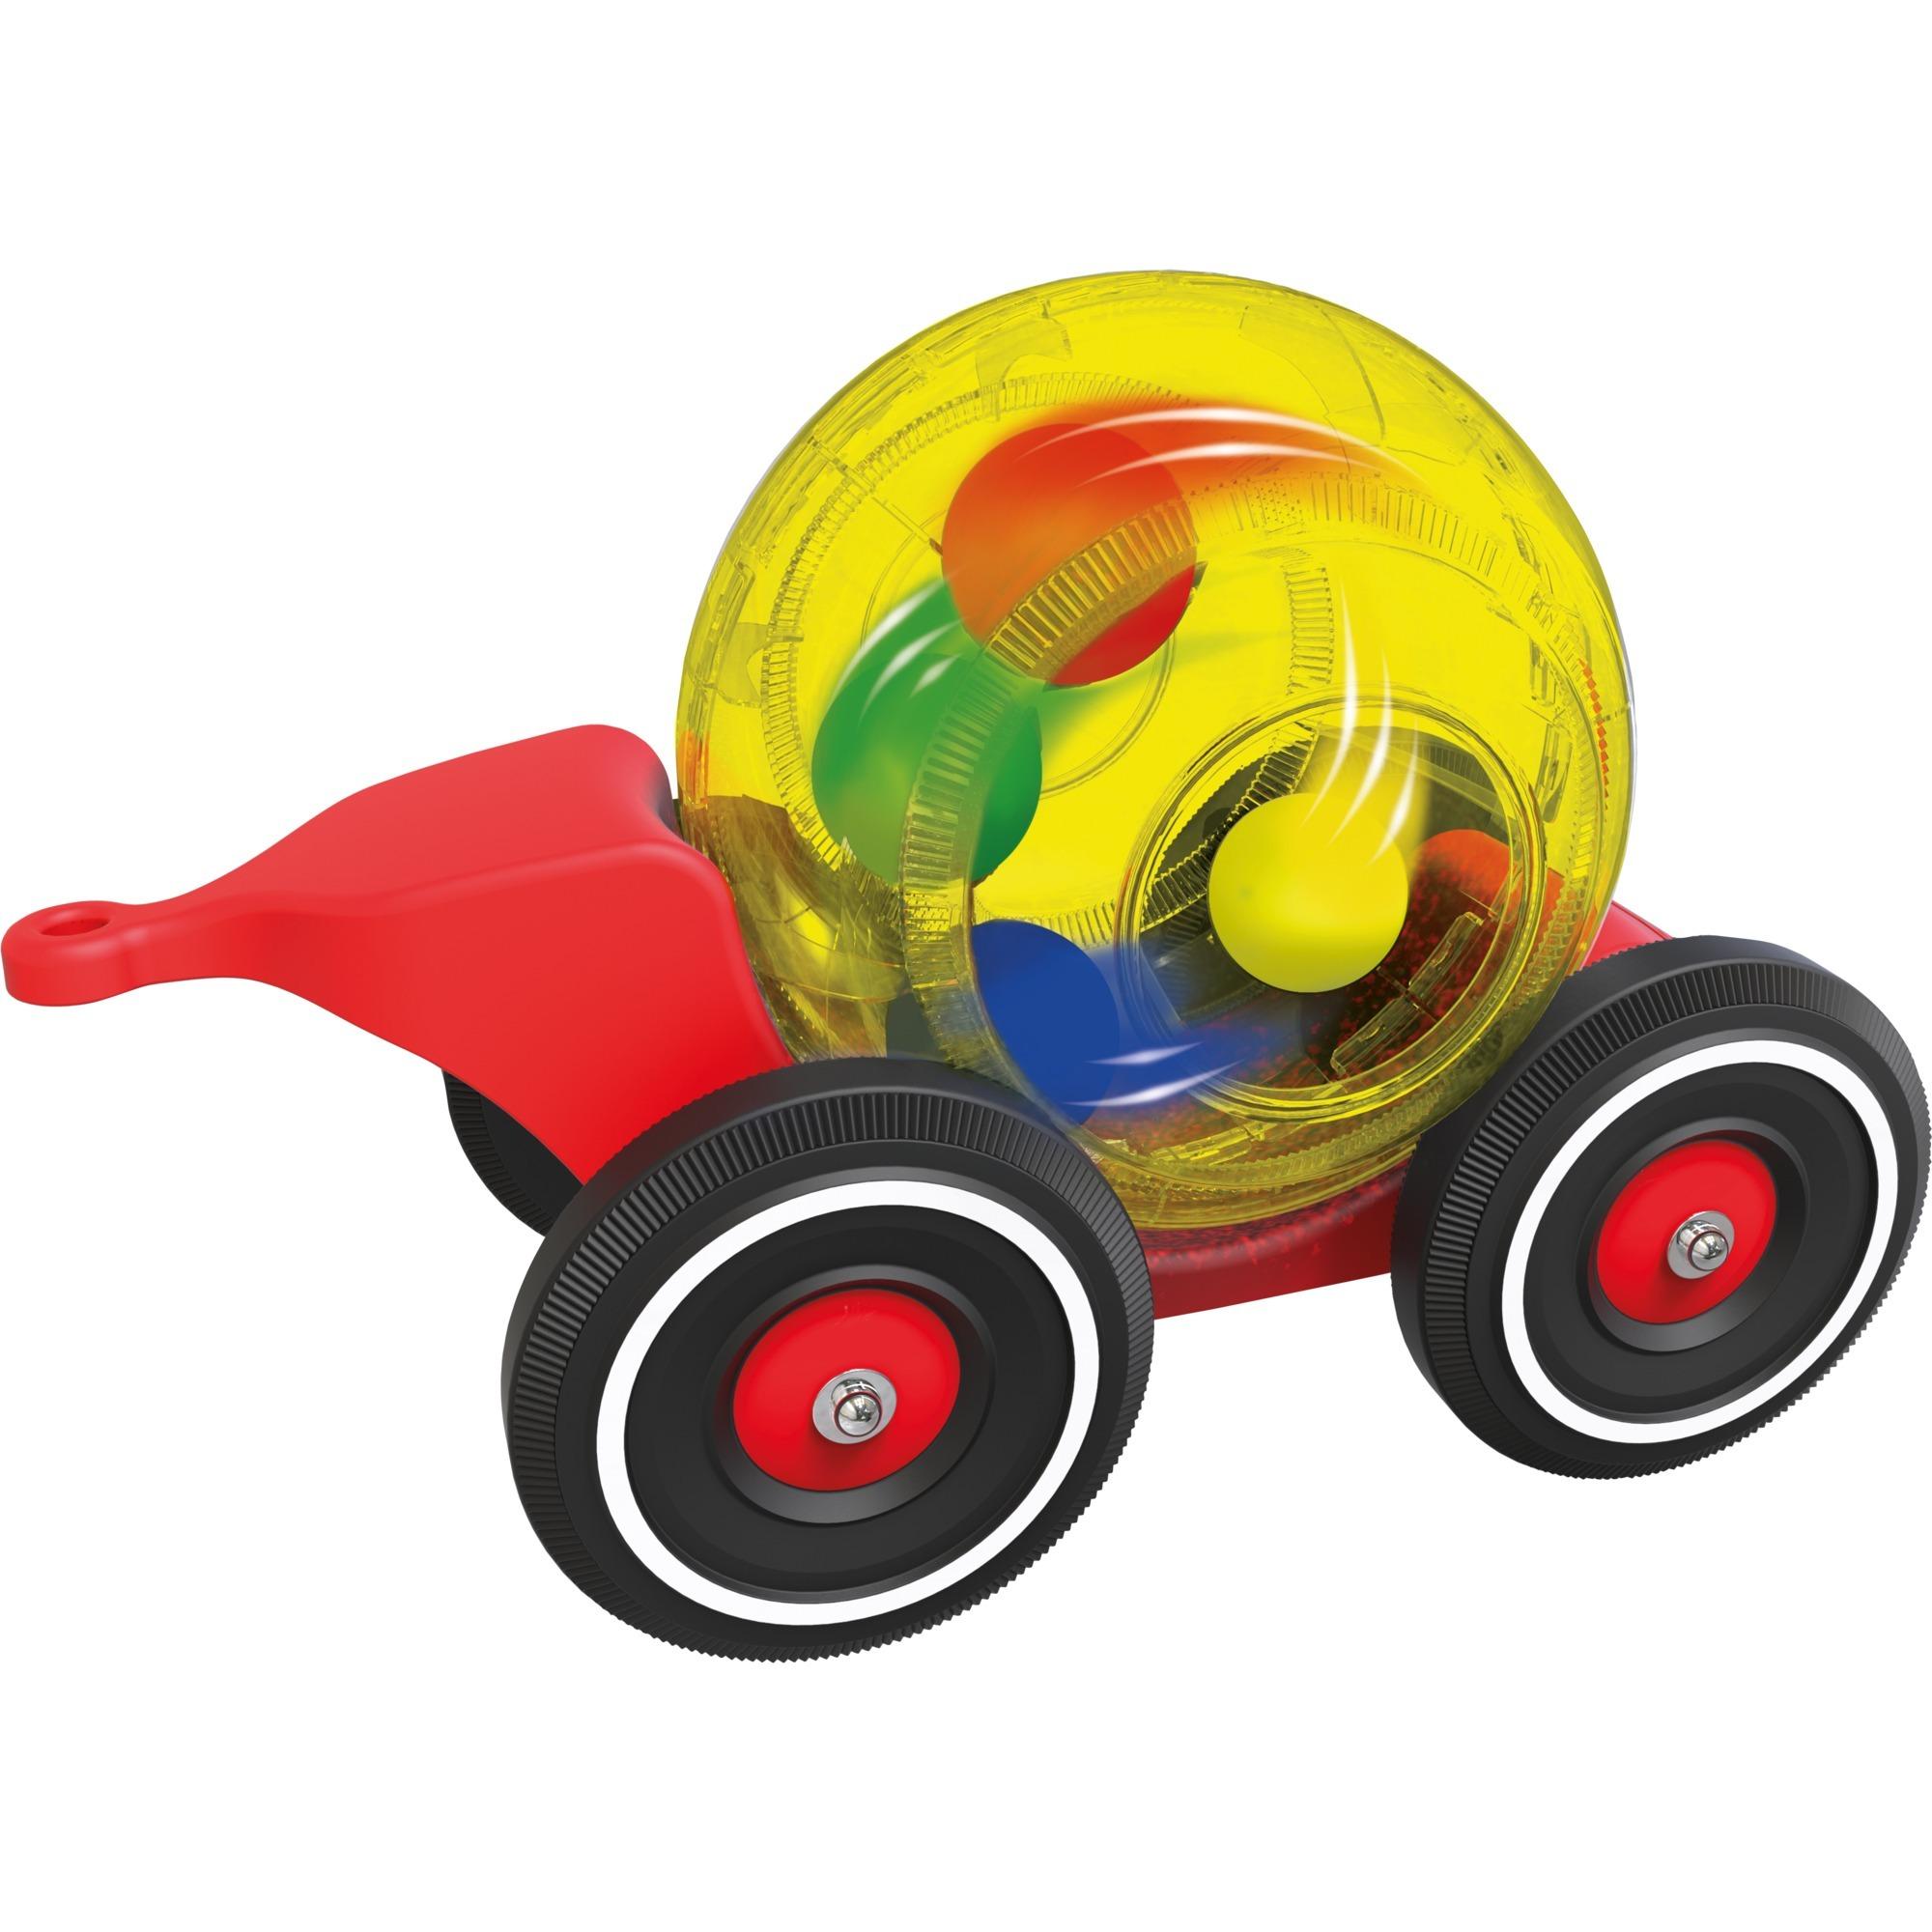 800056262, Automóvil de juguete